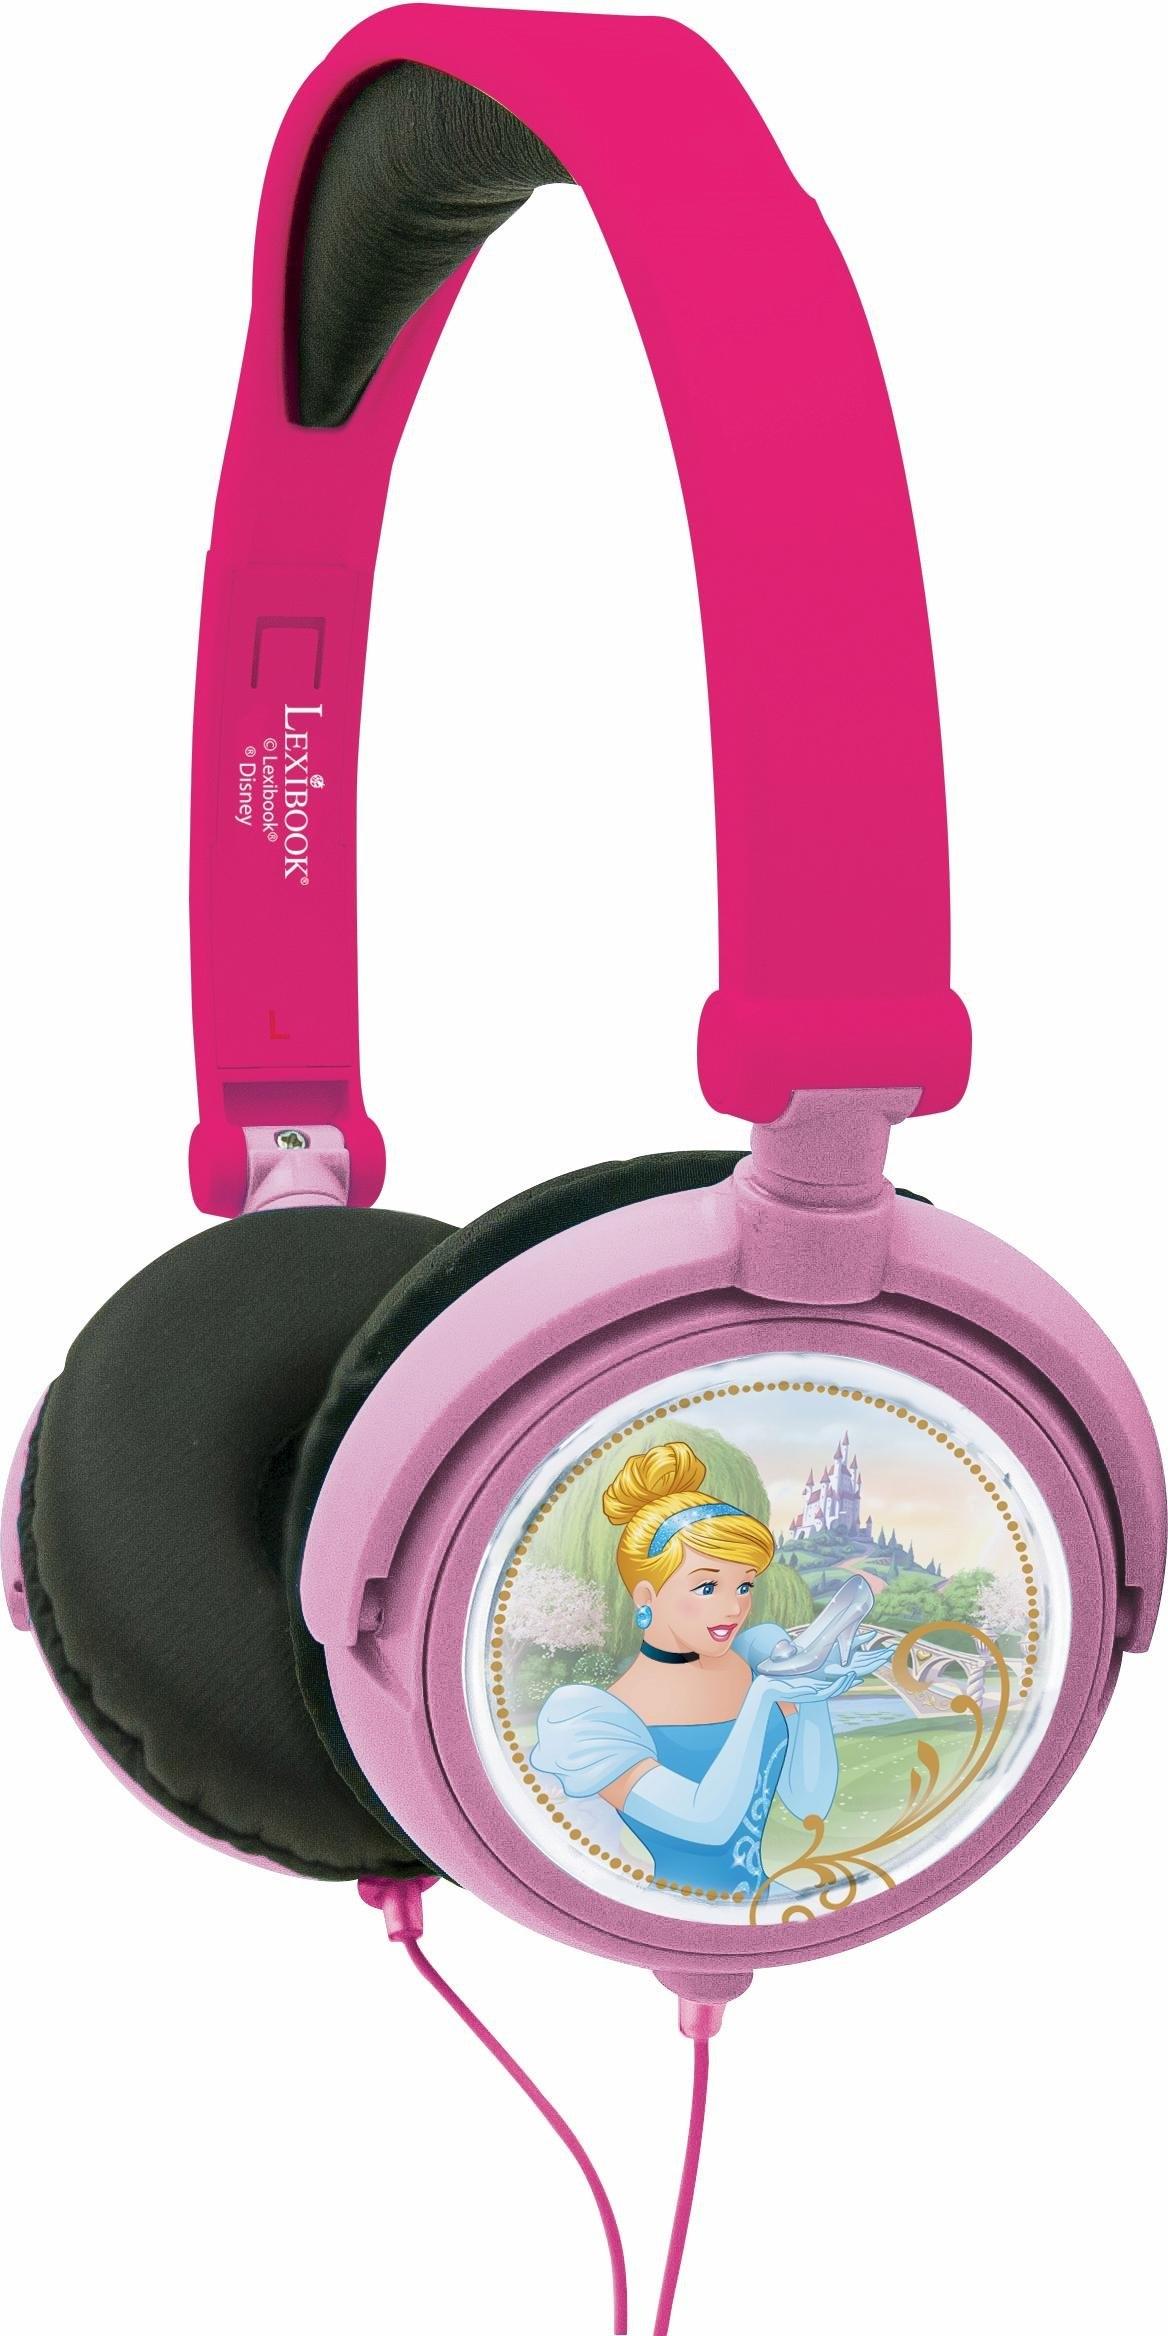 Lexibook hoofdtelefoon om in elkaar te vouwen, »Disney Princess« bij OTTO online kopen